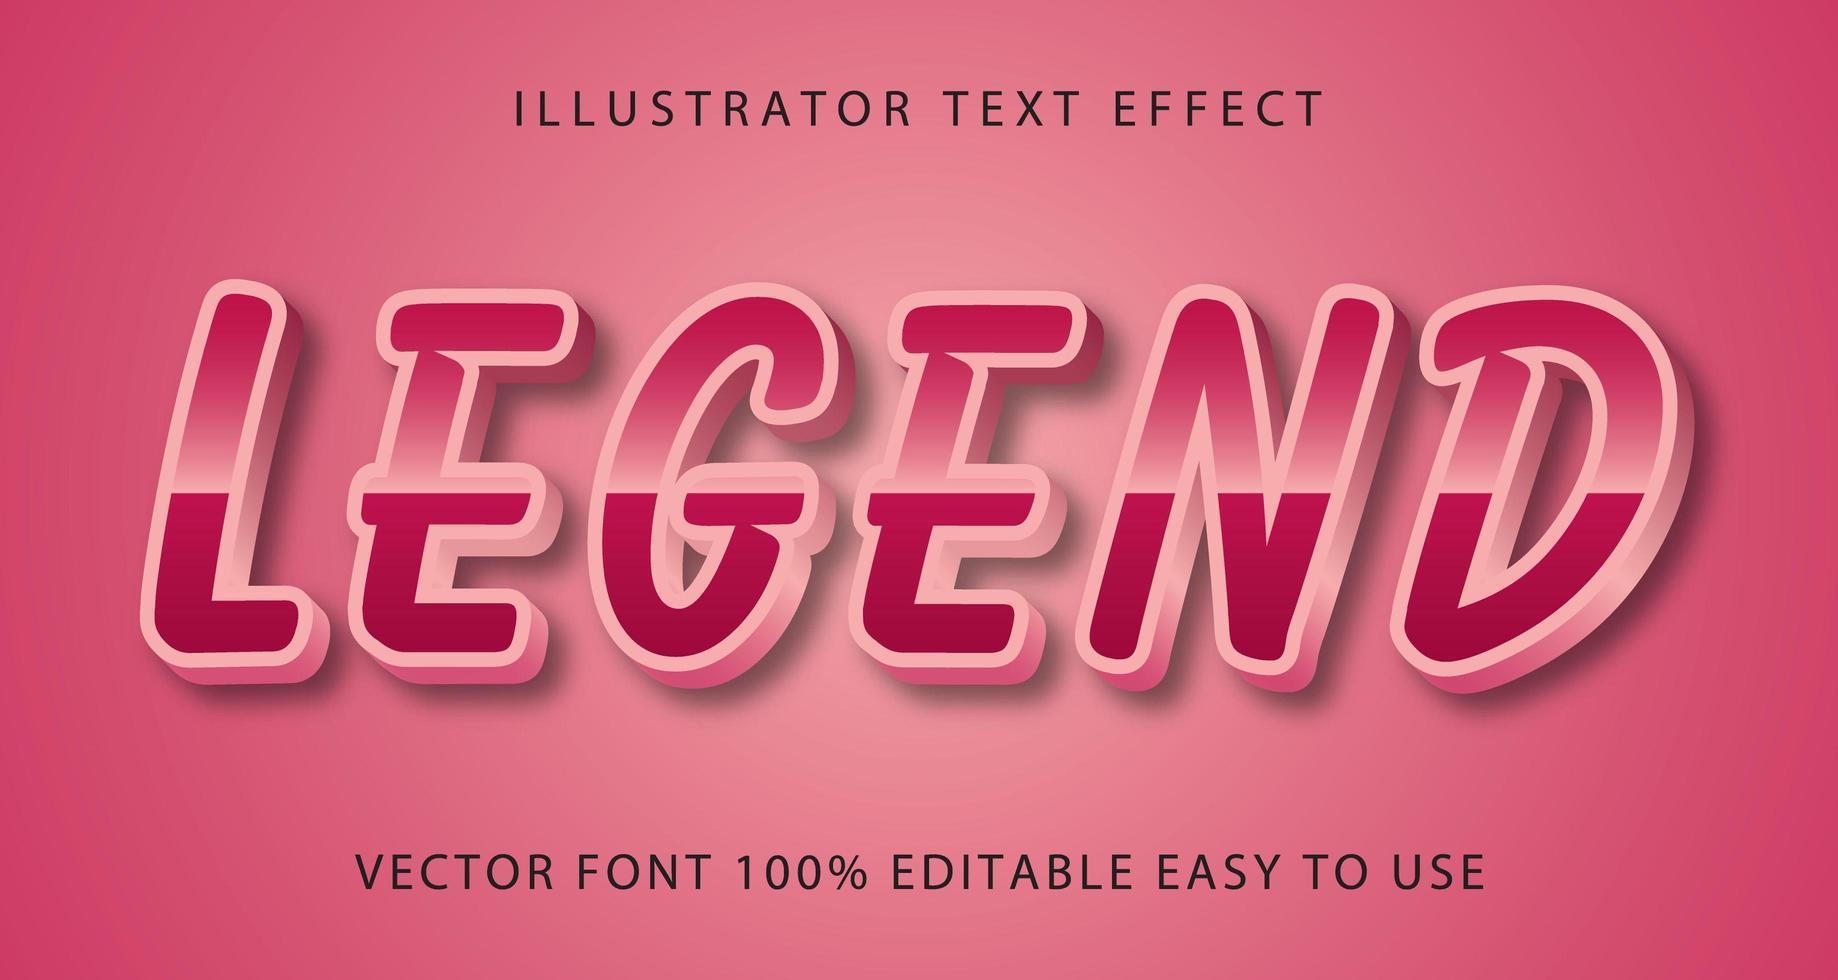 legenden rosa metalltexteffekt vektor